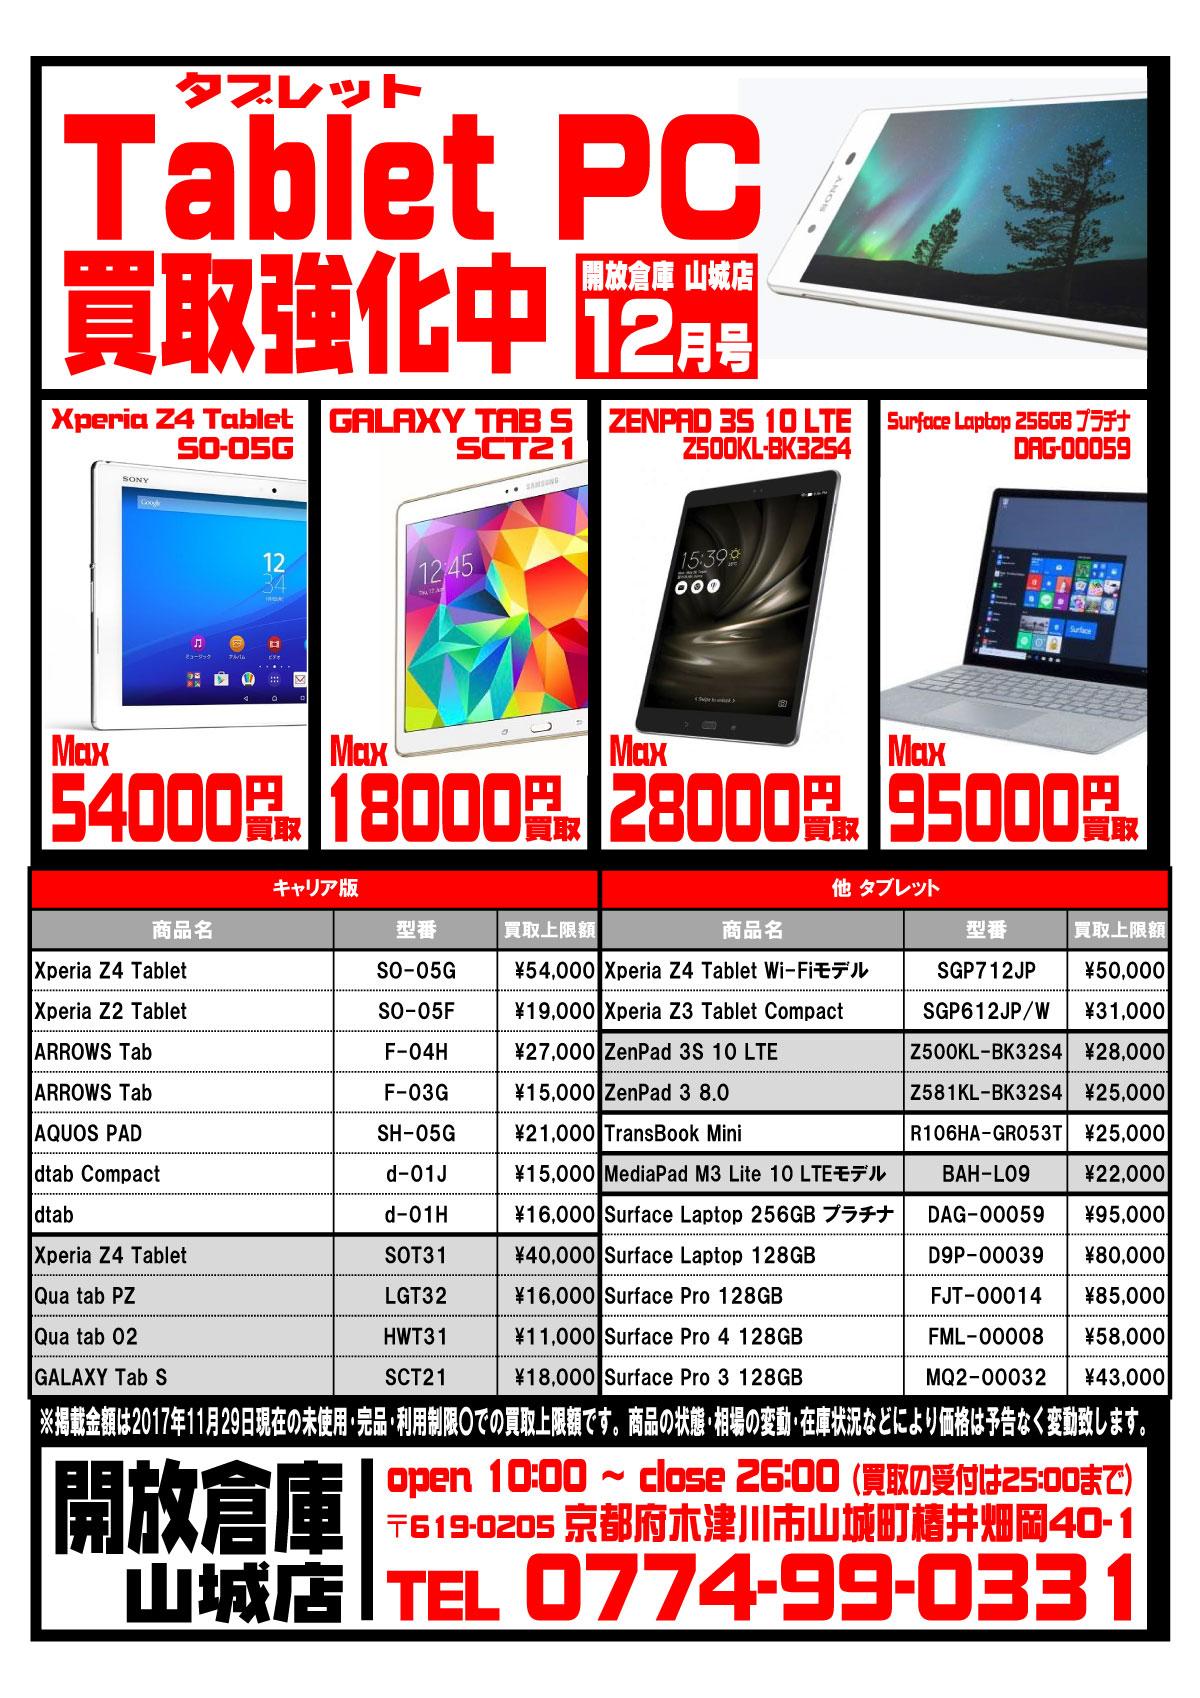 「開放倉庫山城店」家電コーナー<Tablet PC・タブレット買取強化中!>12月号の買取表を更新しました!